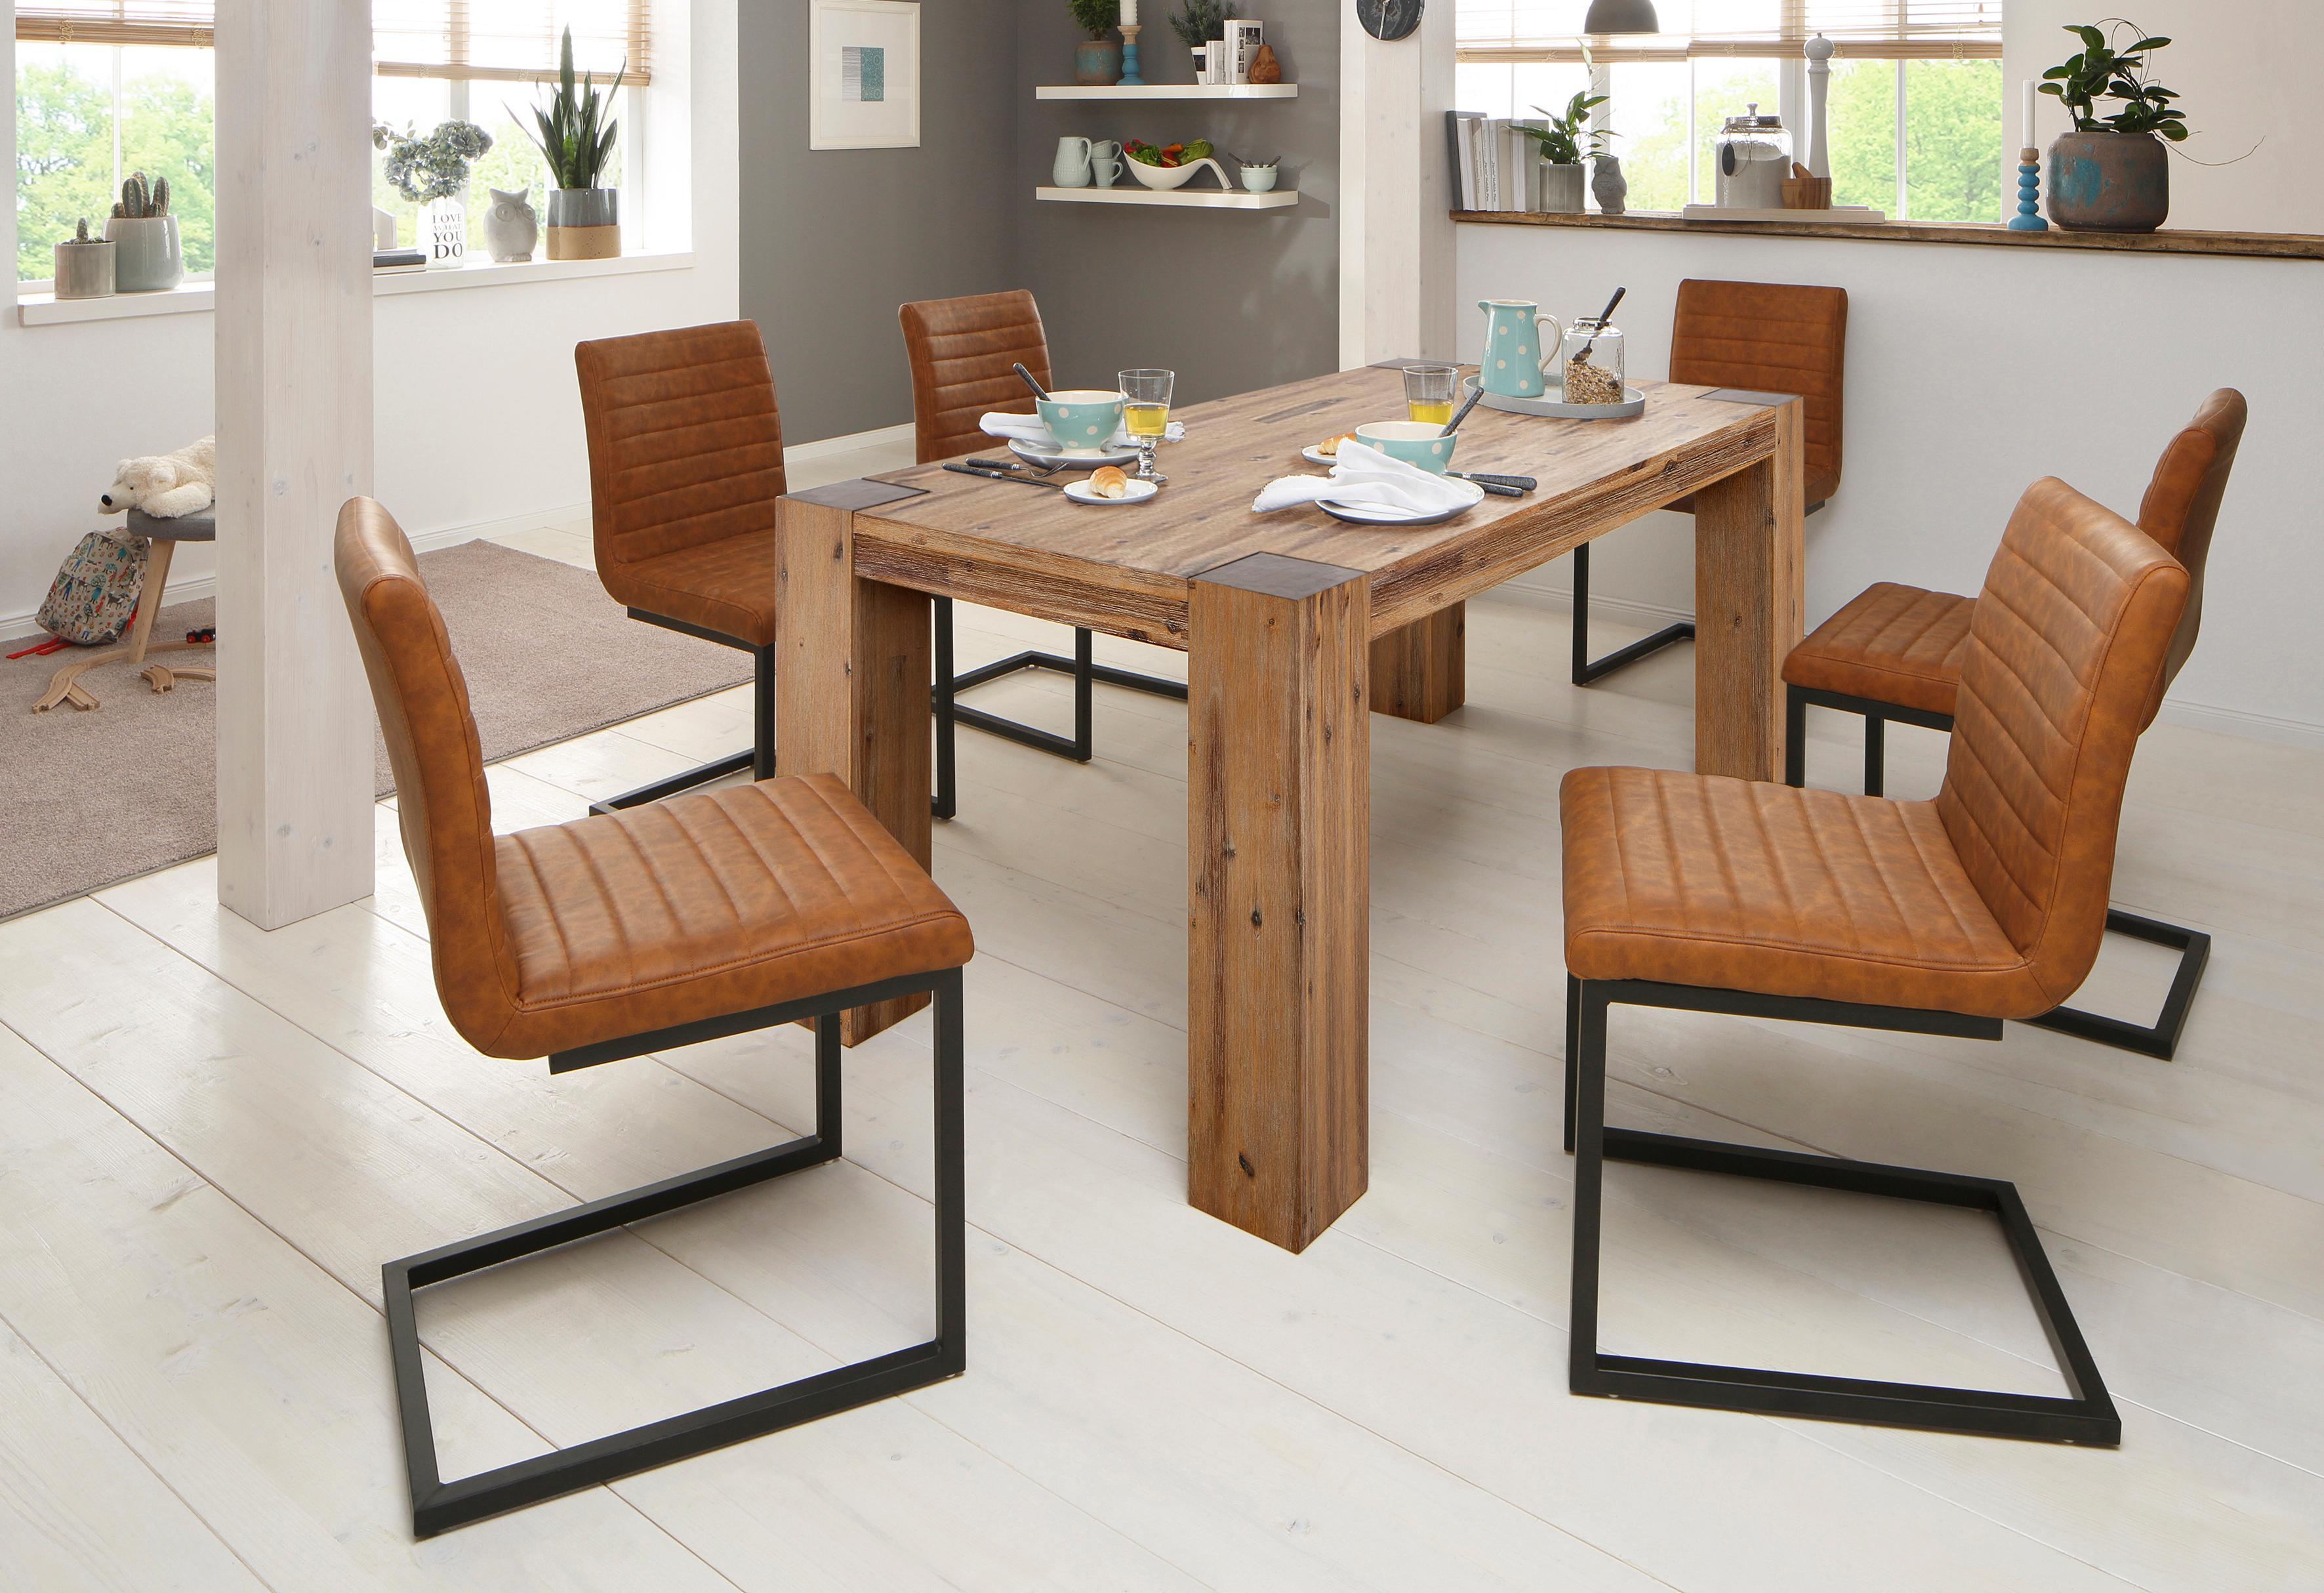 Beeindruckend Esstisch Stühle Mit Armlehne Foto Von Home Affaire Essgruppenset Â«bineÂ« Bestehend Aus 6